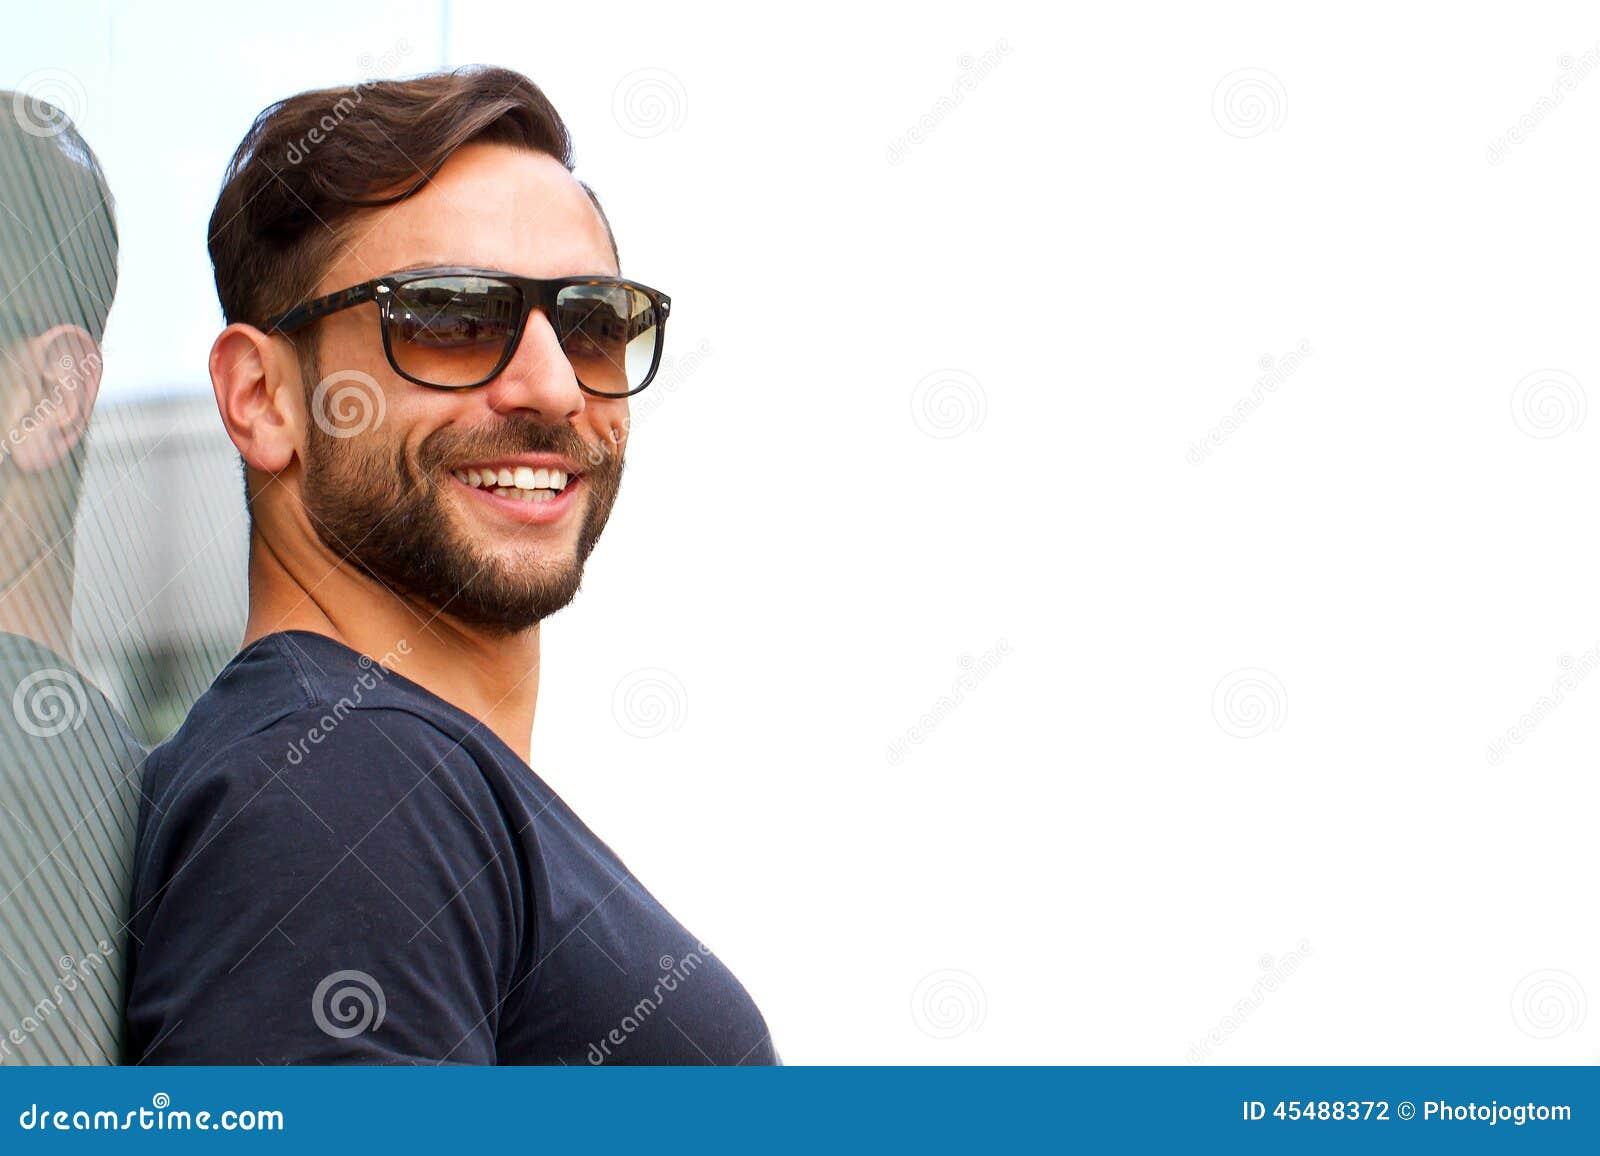 dernière mode produits chauds coût modéré lunette homme brun,lunette de soleil femme chic